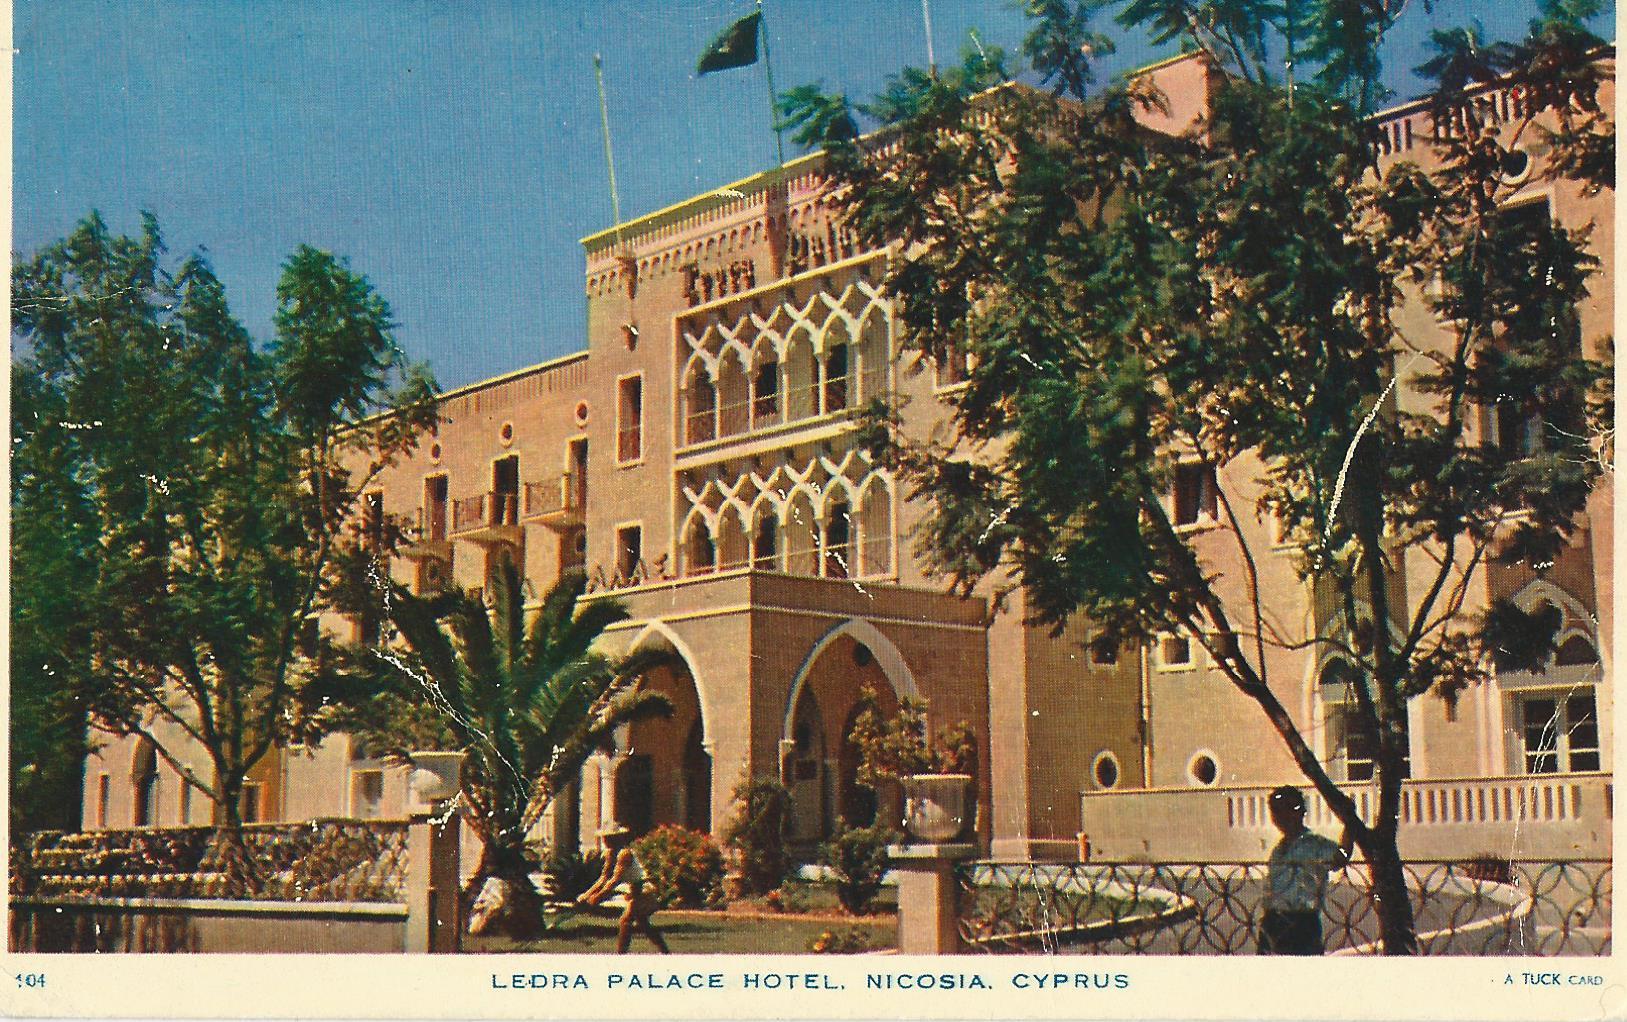 """A képeslapon a nicosiai Ledra Palace Hotel szálloda épülete látható, Ciprus fővárosában. <br />""""Drága Eszti néni és Bözsi néni! Sok-sok szeretettel csókolom mindkettőjüket ebből a paradicsomból. Itt olyan gyönyörű minden, nem tudunk hova nézni még mindig! Gyönyörű idő van, csupa pálma- és narancsfa az egész város, a tenger csodaszép! Ezt látni kell. Forró szeretettel csókolom mindnyájukat. Jutka"""""""